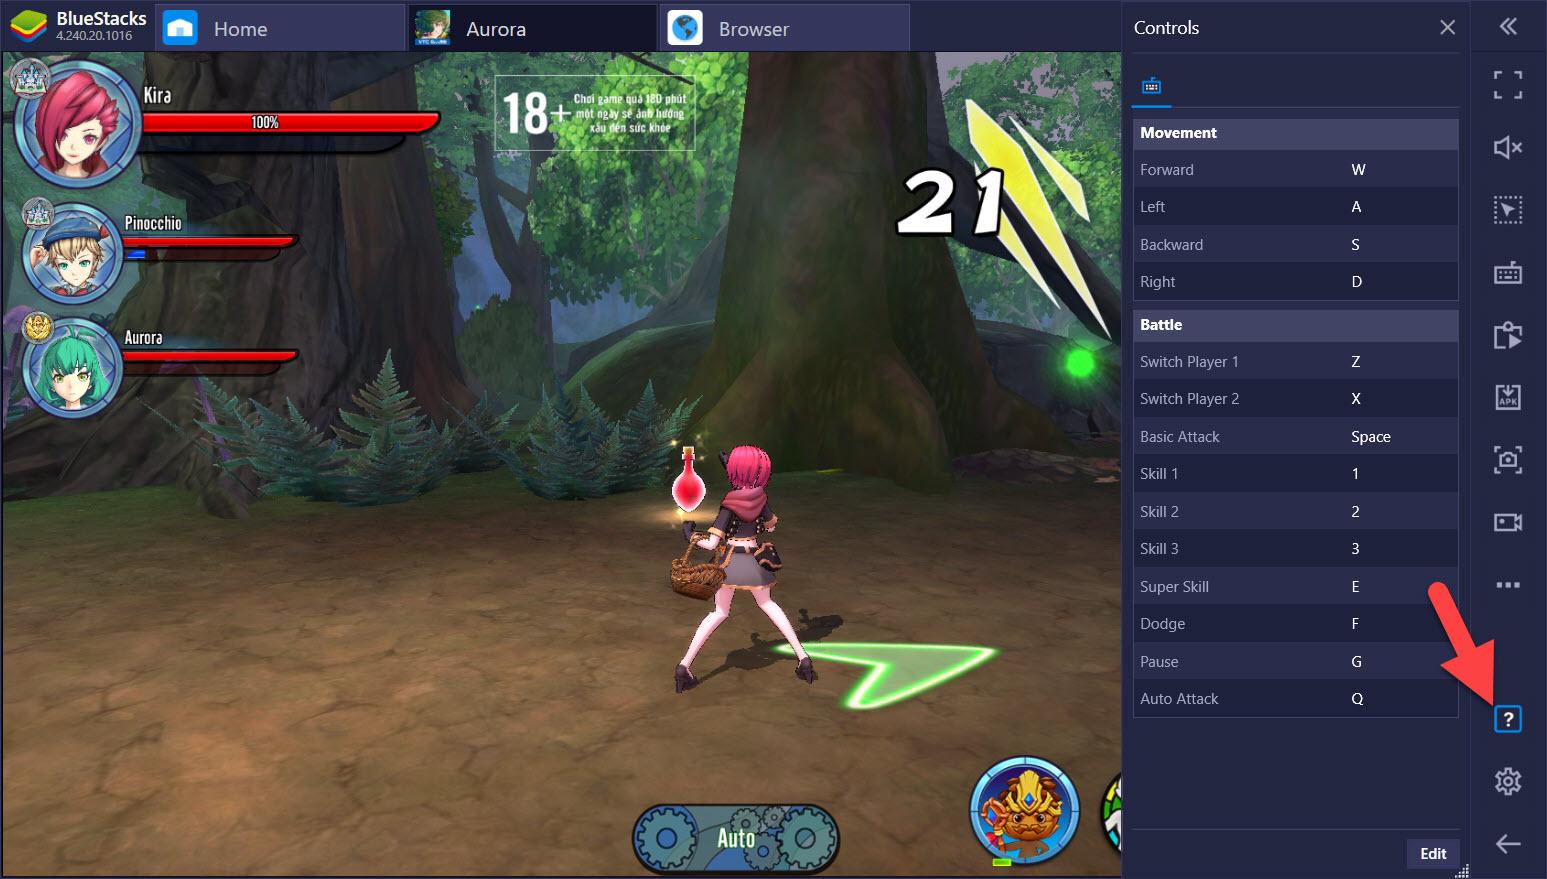 Thiết lập Keymapping khi chơi Aurora – Vùng đất huyền thoại trên PC